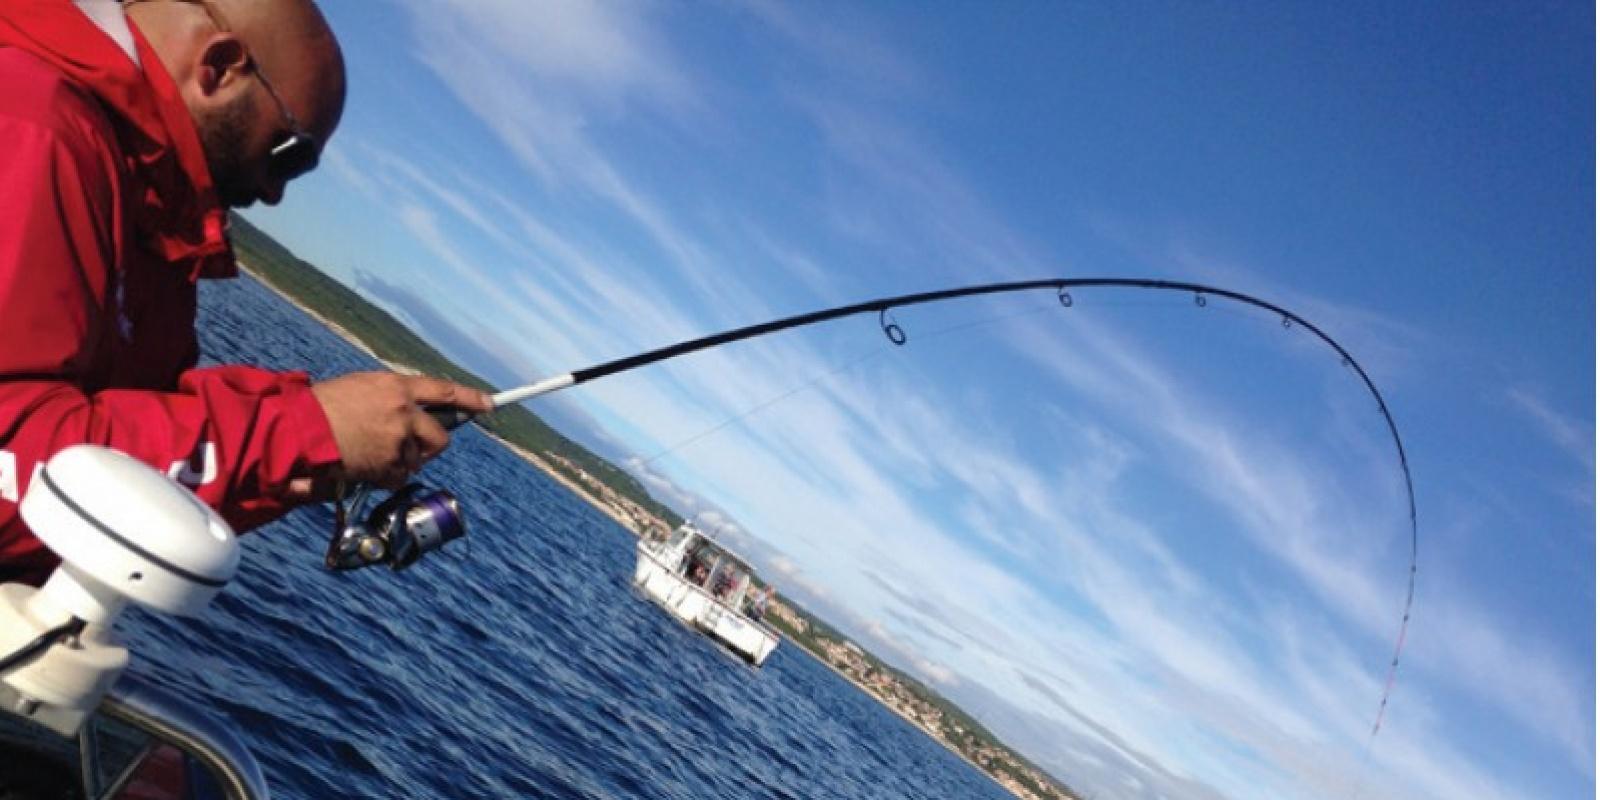 Pêche au feeder en mer : conseils de nos experts